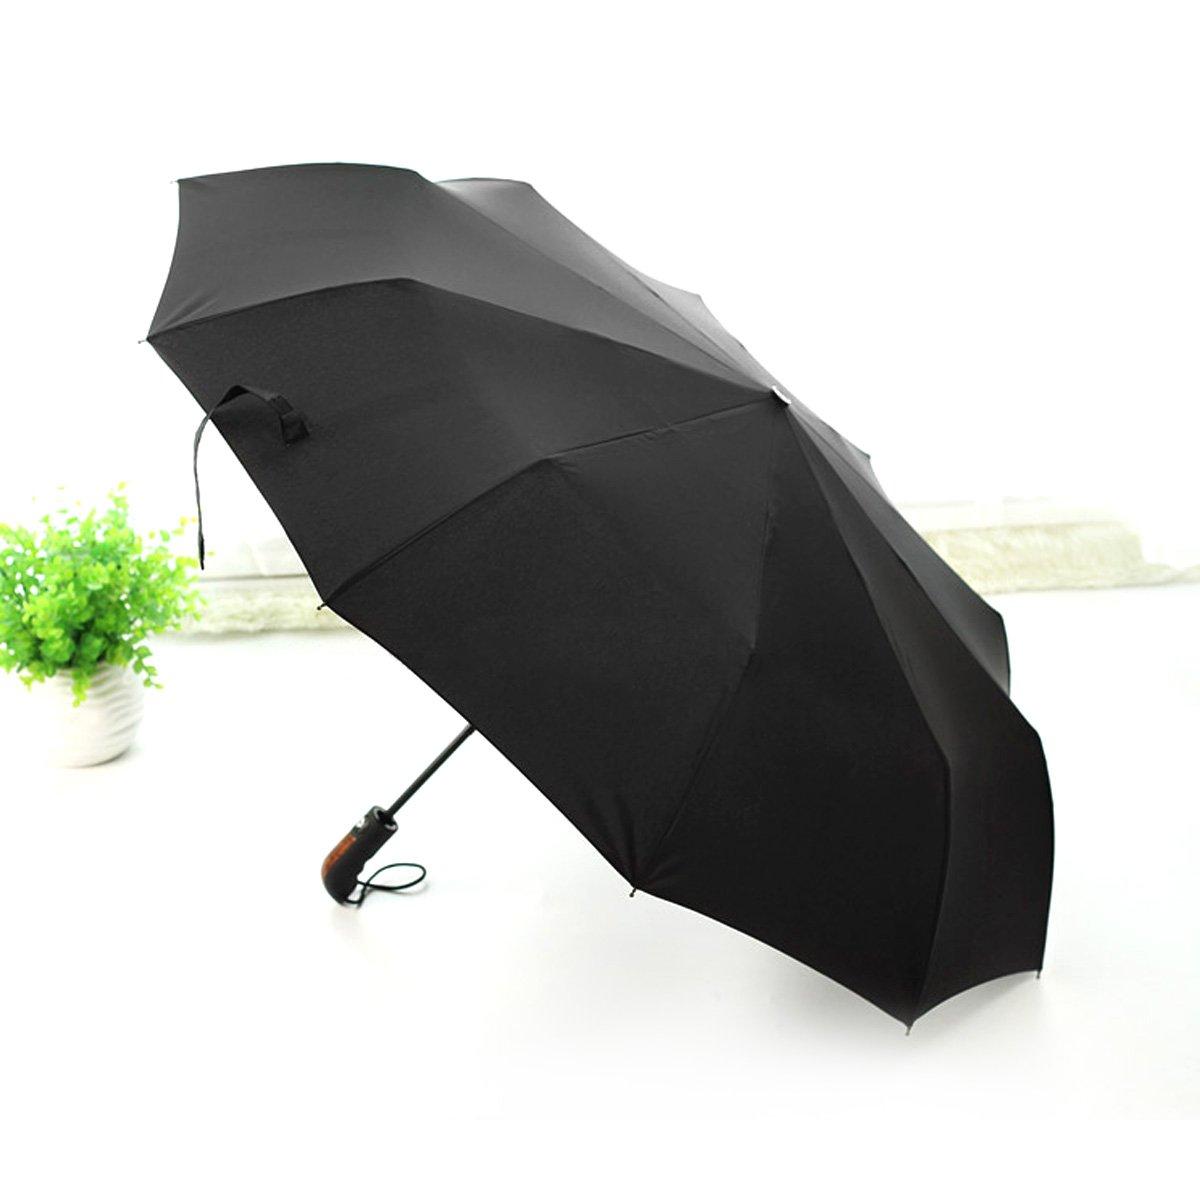 HQdeal Paraguas Plegable Automatico Negro Antiviento Grandes Paraguas de Viaje Sombrilla para Mujer Hombre Caballero Compacto: Amazon.es: Equipaje